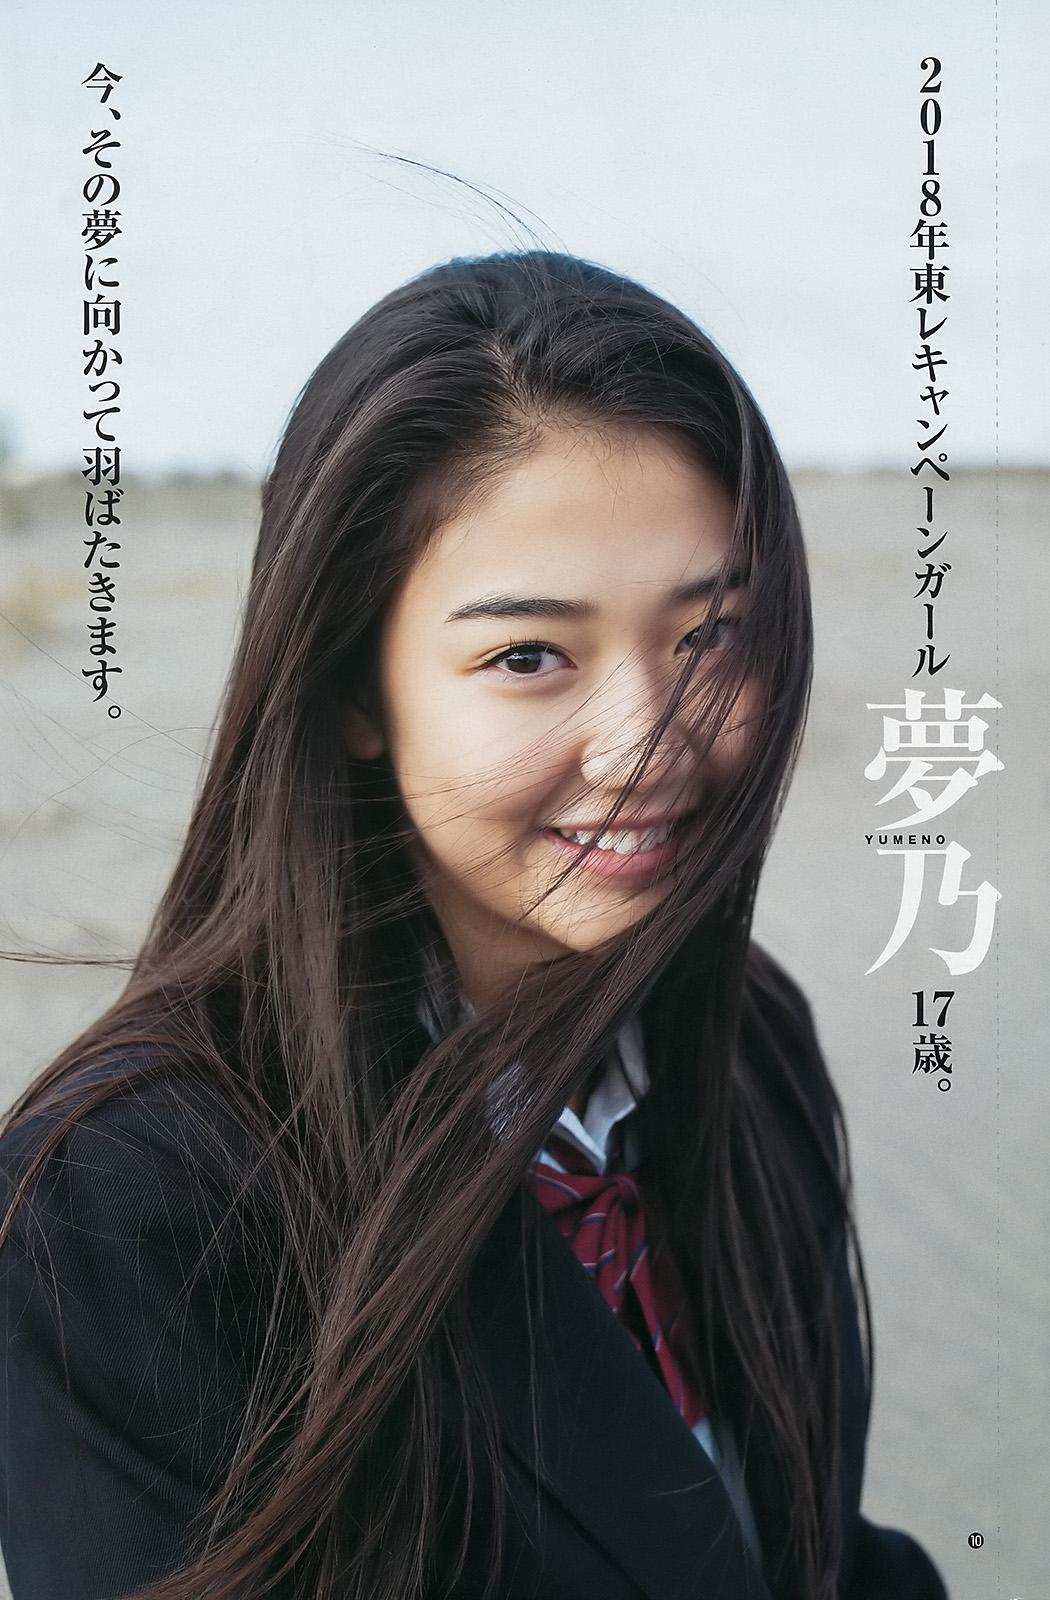 東レ水着キャンギャル夢乃(17)の水着グラビア画像40枚・9枚目の画像